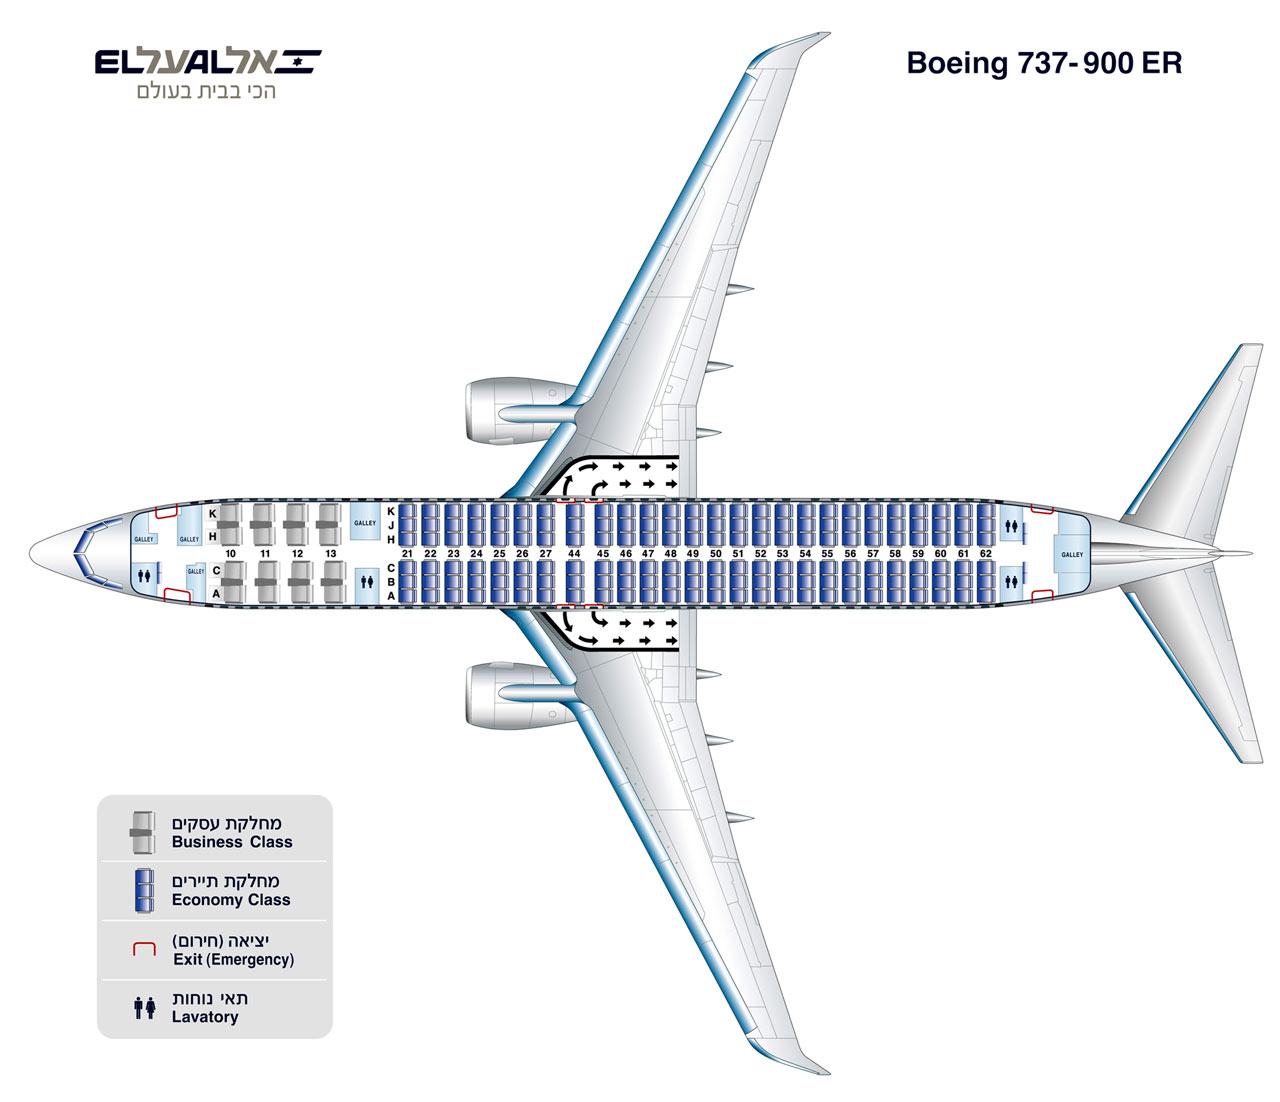 Новый Boeing 737 900er авиакомпании El Al